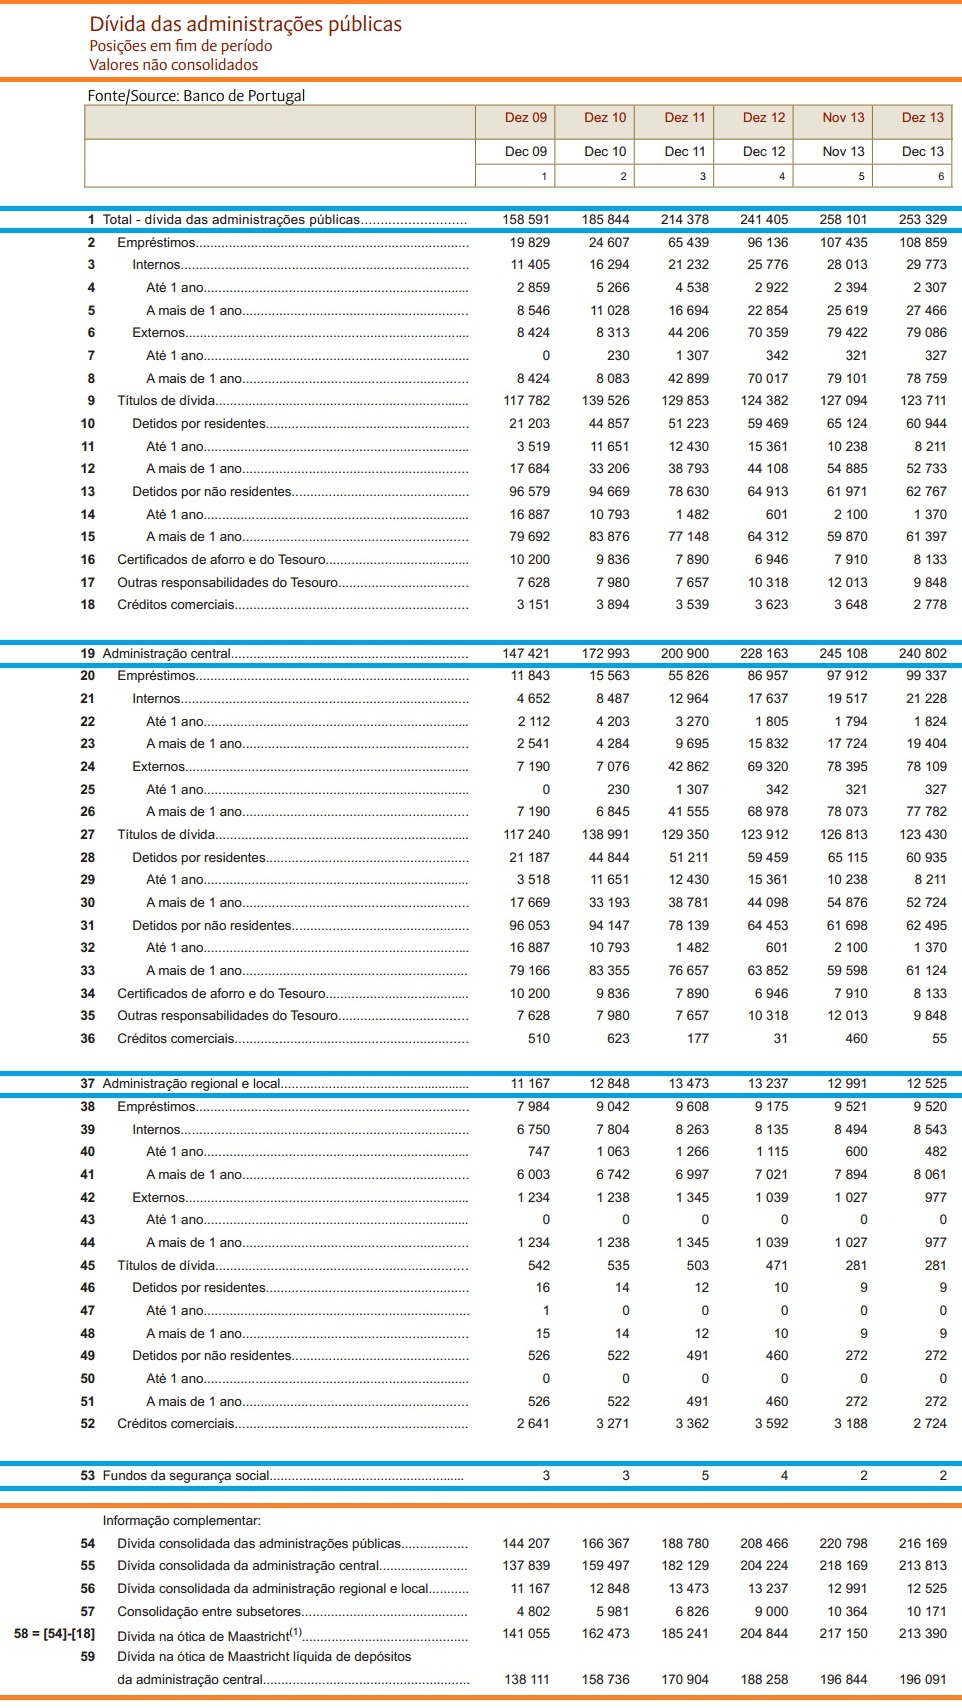 Dívida pública Total dez 2013 fonte banco de Portugal